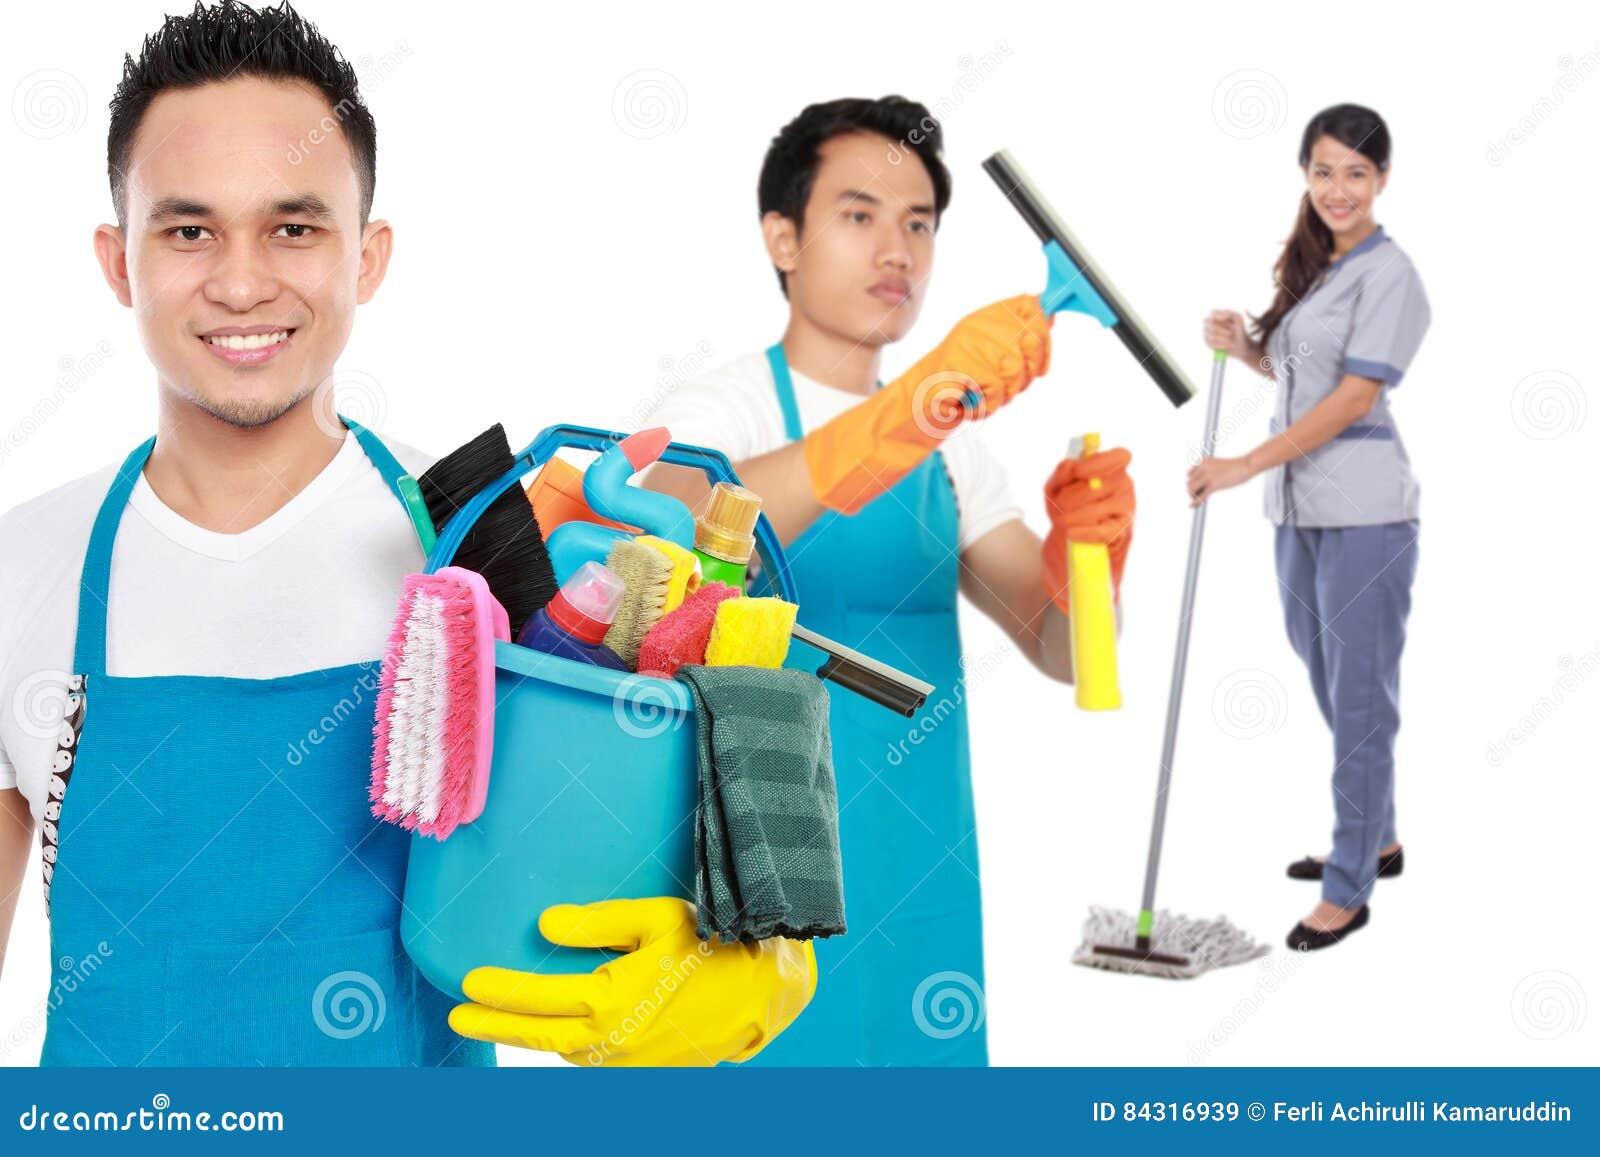 Gruppo di servizi di pulizia pronti a fare i lavoretti